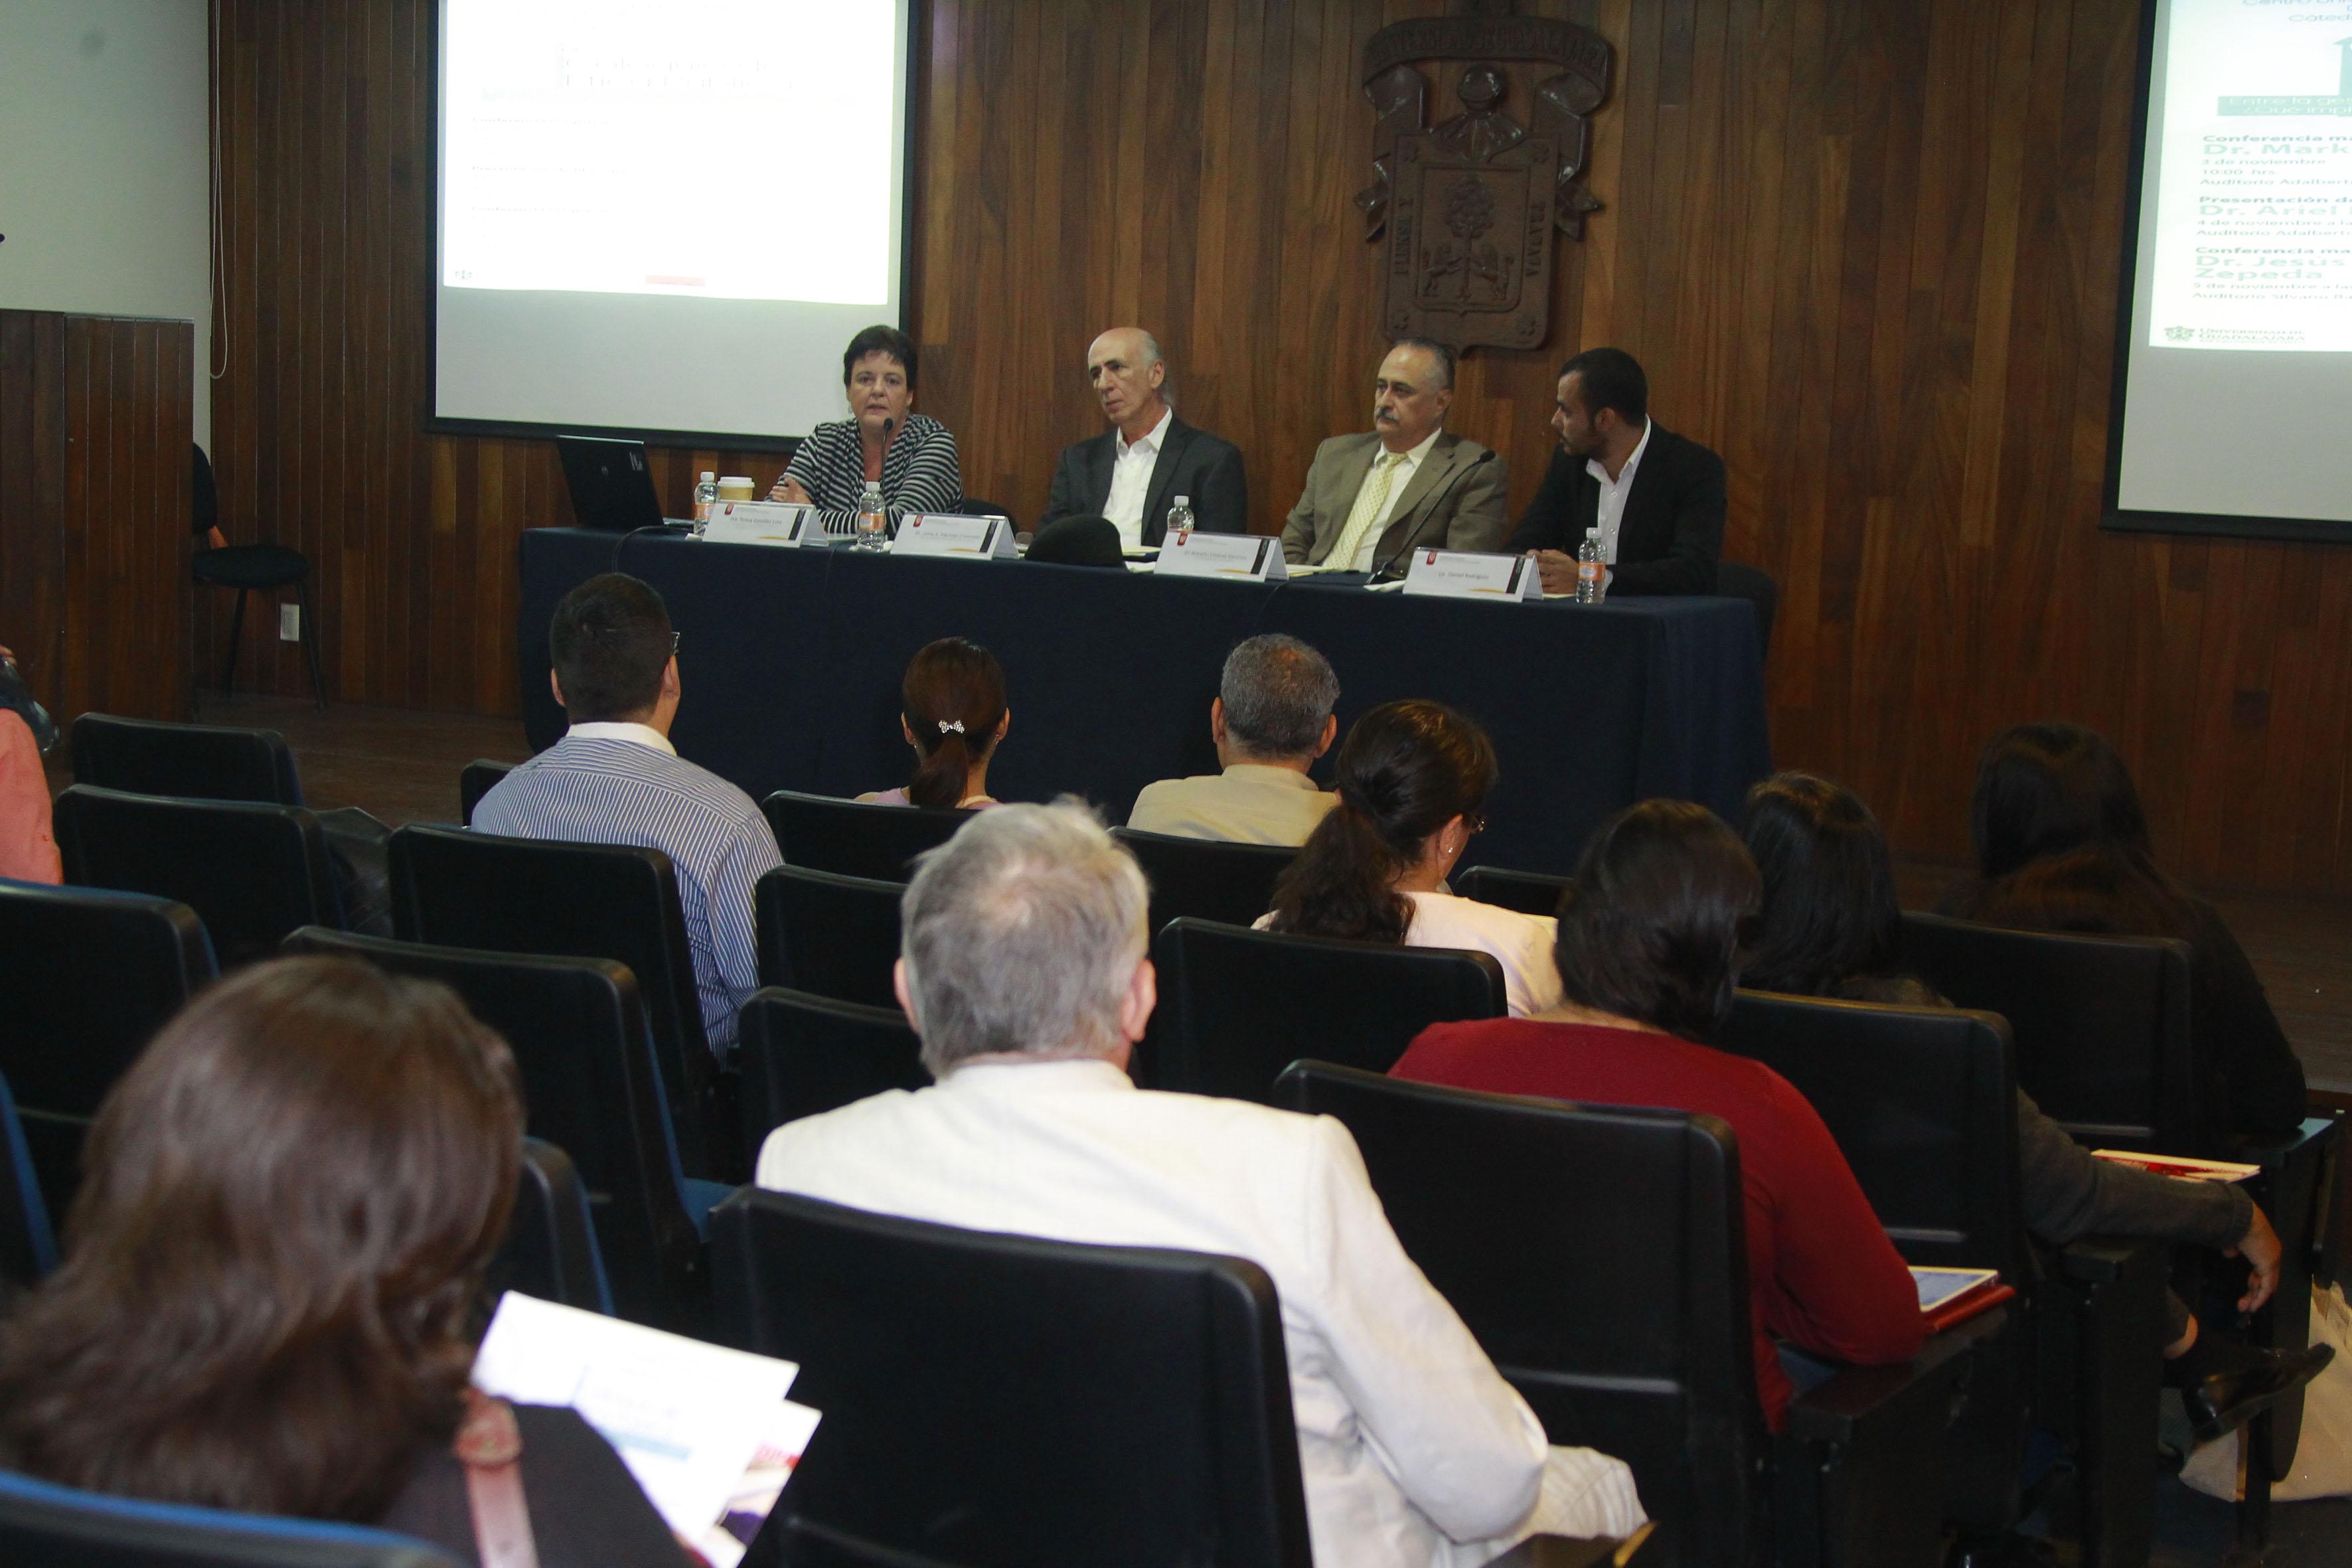 1er Coloquio de Ética Pública, en el Auditorio Adalberto Navarro Sánchez Del Centro Universitario de Ciencias Sociales y Humanidades (CUCSH).